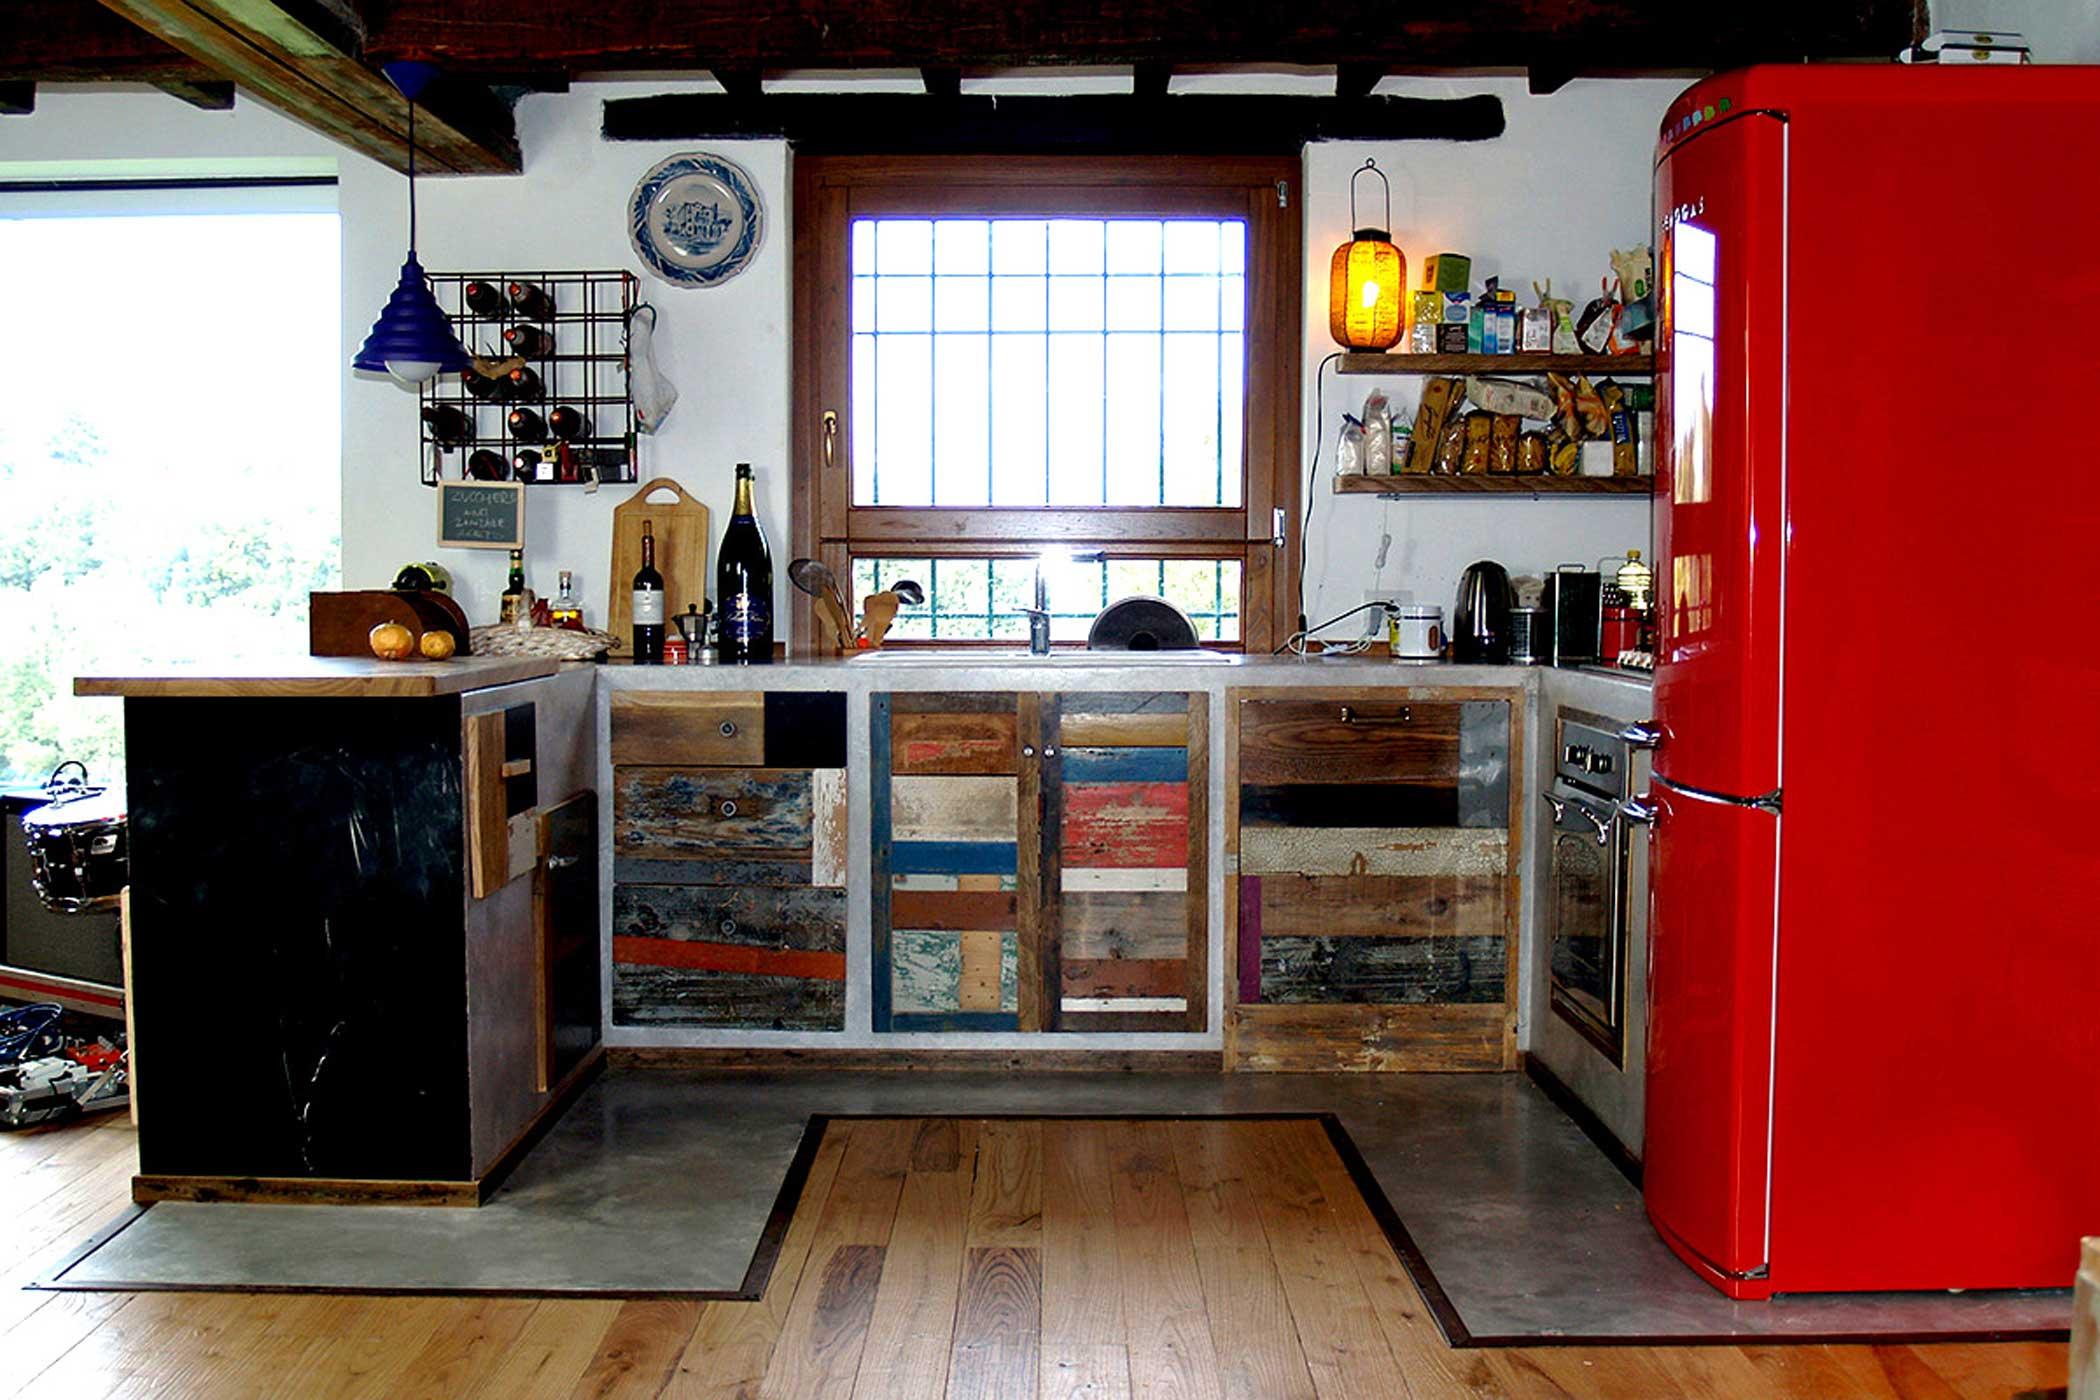 Progetta la tua cucina artigianale su misura laquercia21 - Realizza la tua cucina ...